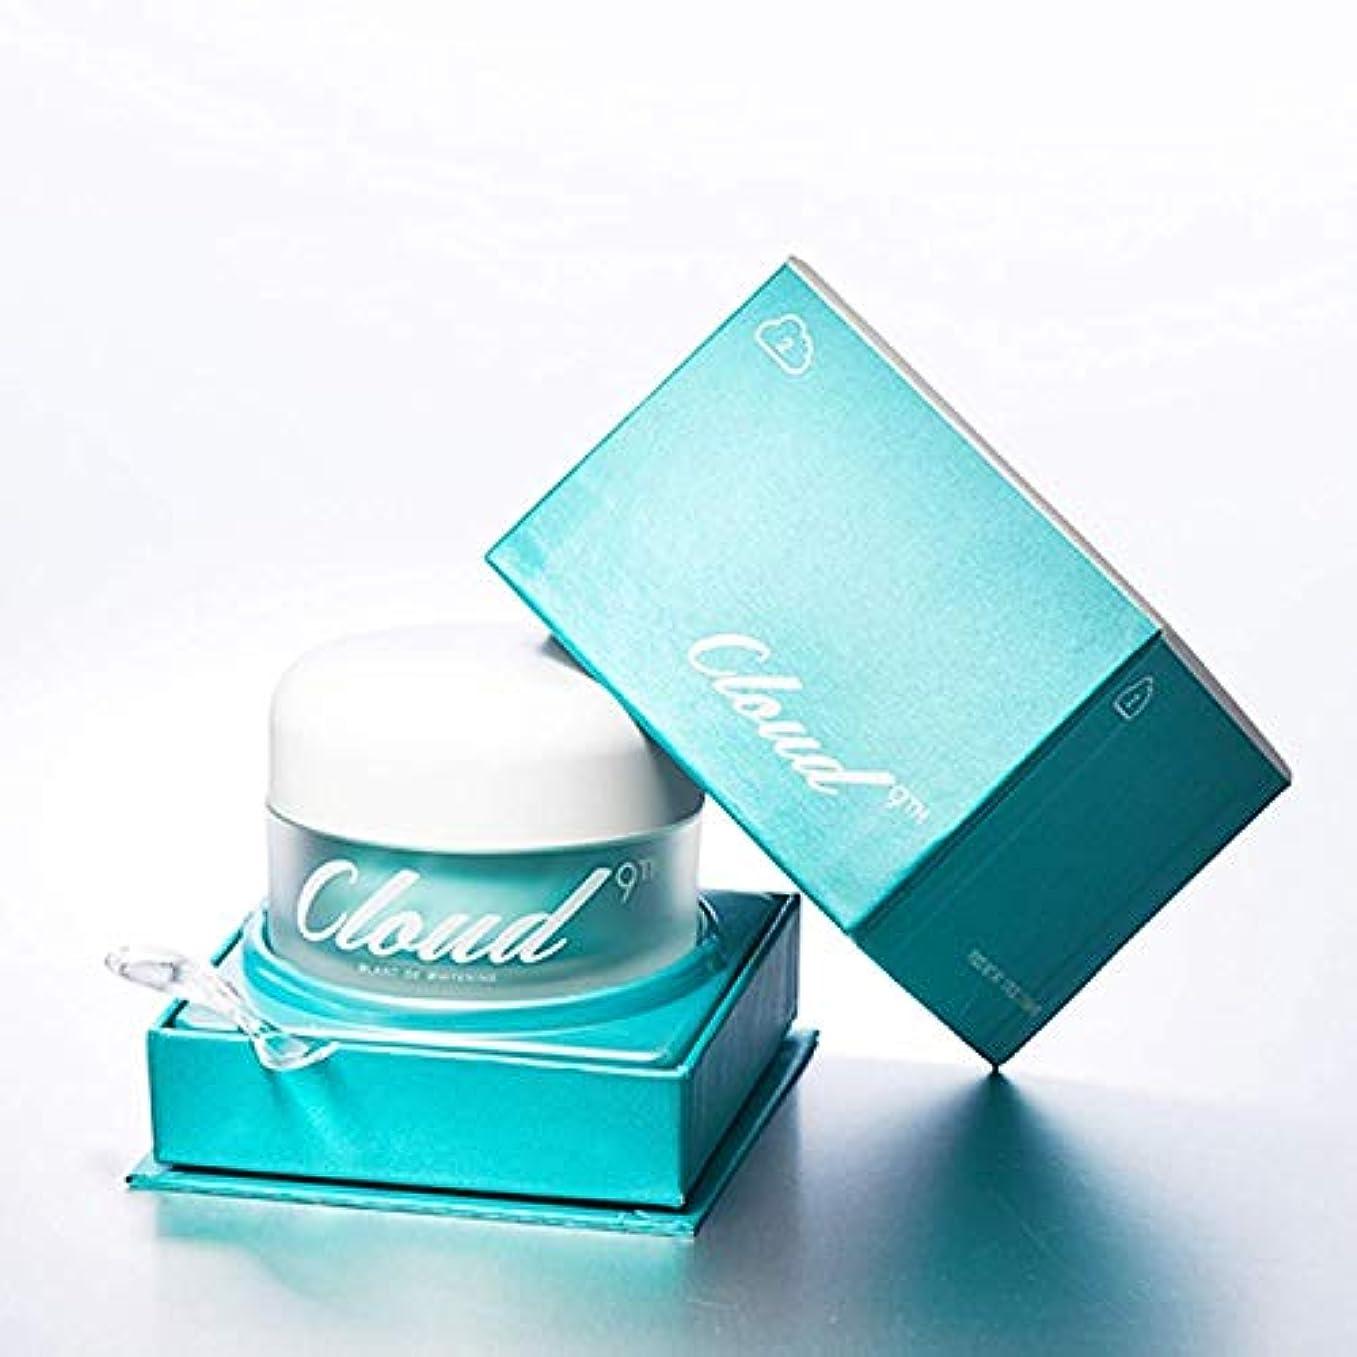 抑止する形容詞セッションCLOUD 9 クラウド?ナイン ホワイトニングクリーム (White Moisture Cream) 海外直送品